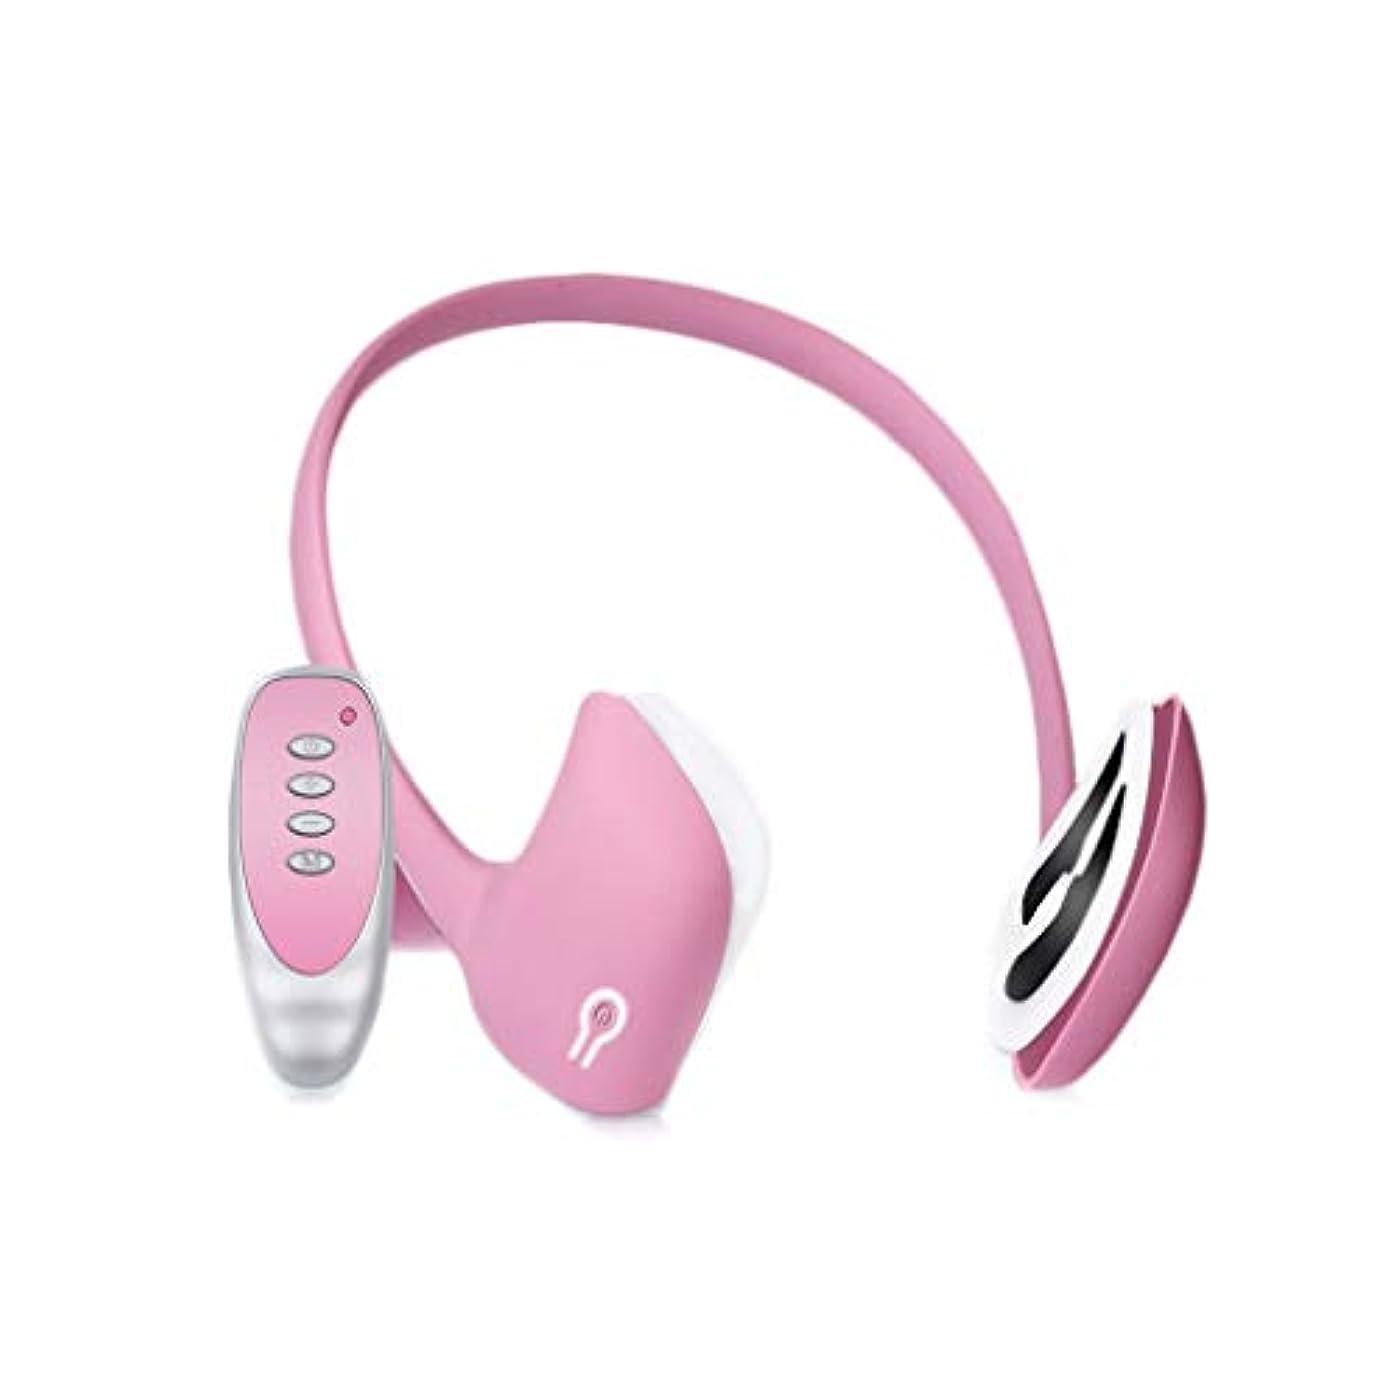 リボン好きである洗剤XHLMRMJ フェイスリフティング器具、電動ツールマッサージャー、頬骨の薄い顔の引き締めの改善、フェイスブレース、多機能リフティング、男性と女性の両方に適しています (Color : Pink)